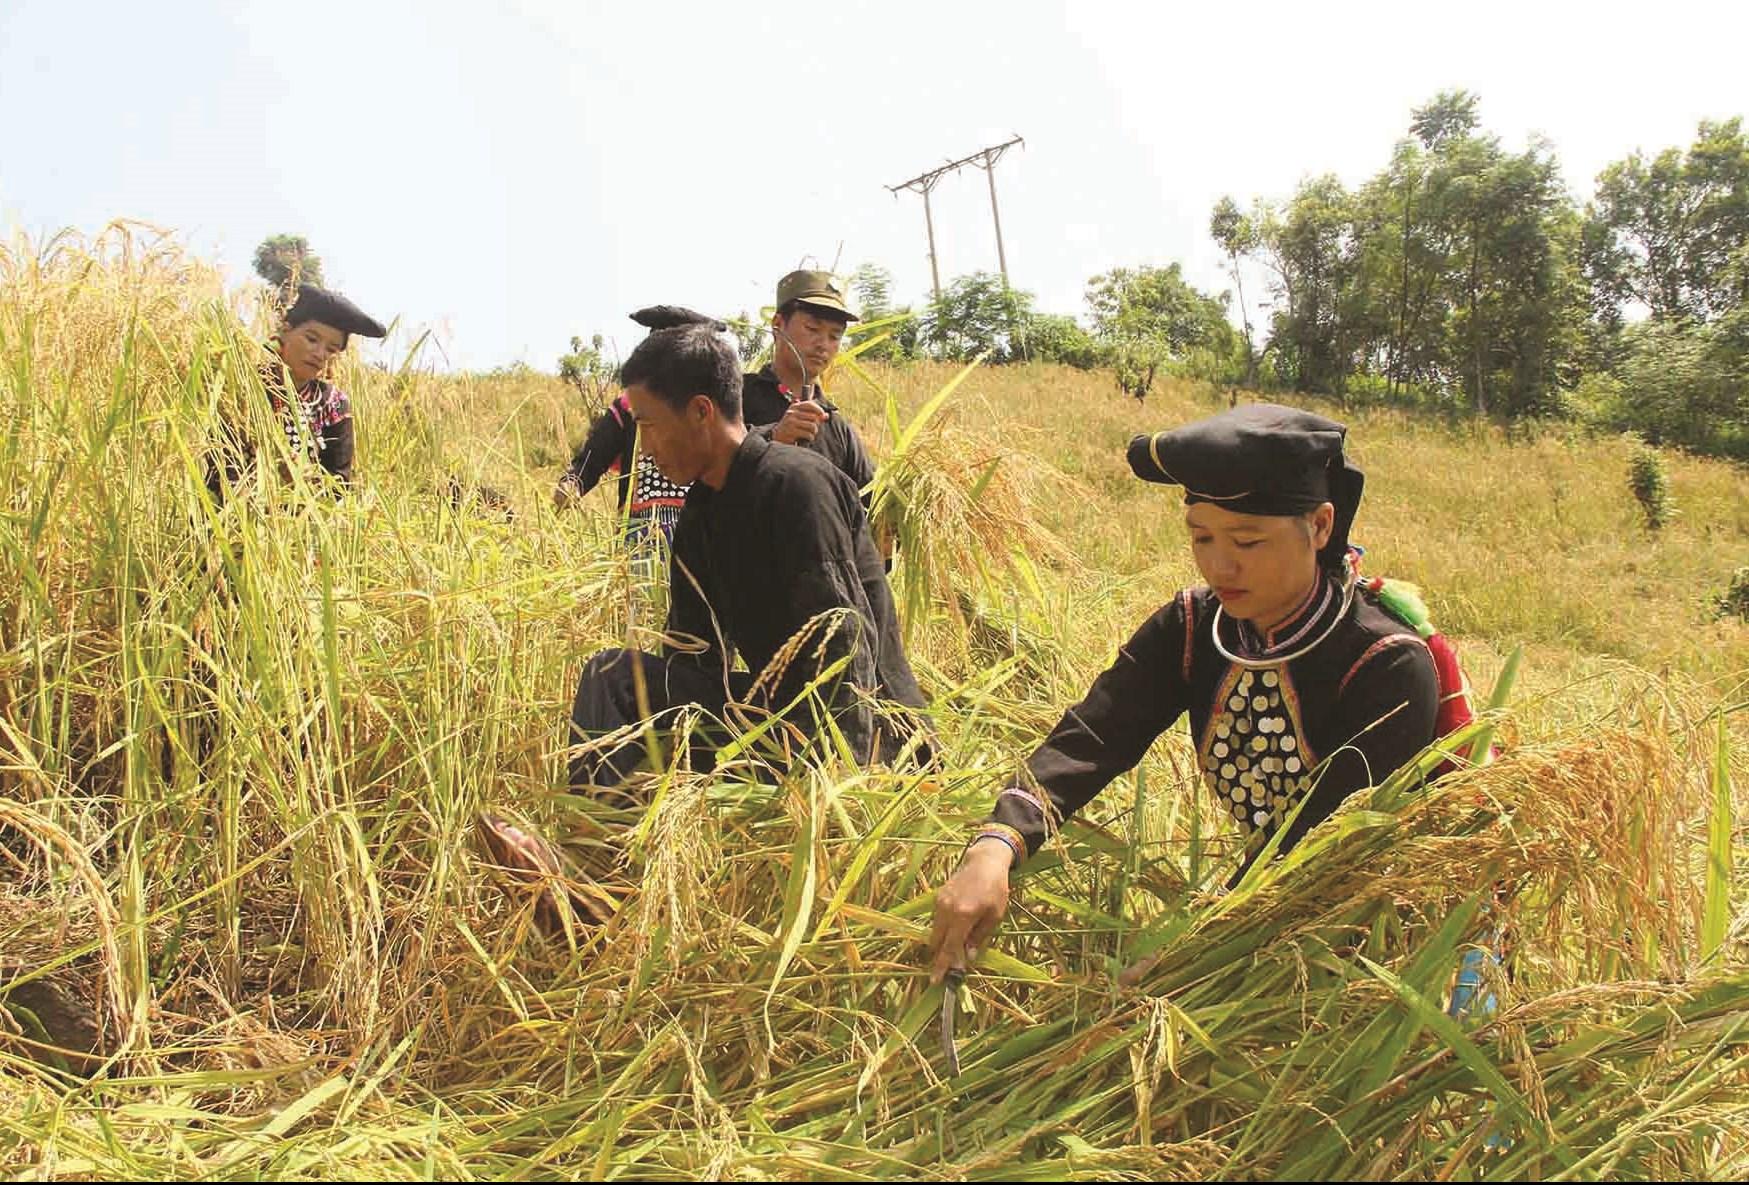 Không có đất làm ruộng, người dân TĐC tại xã Kan Hồ phải làm nương, mùa màng bấp bênh theo thời tiết